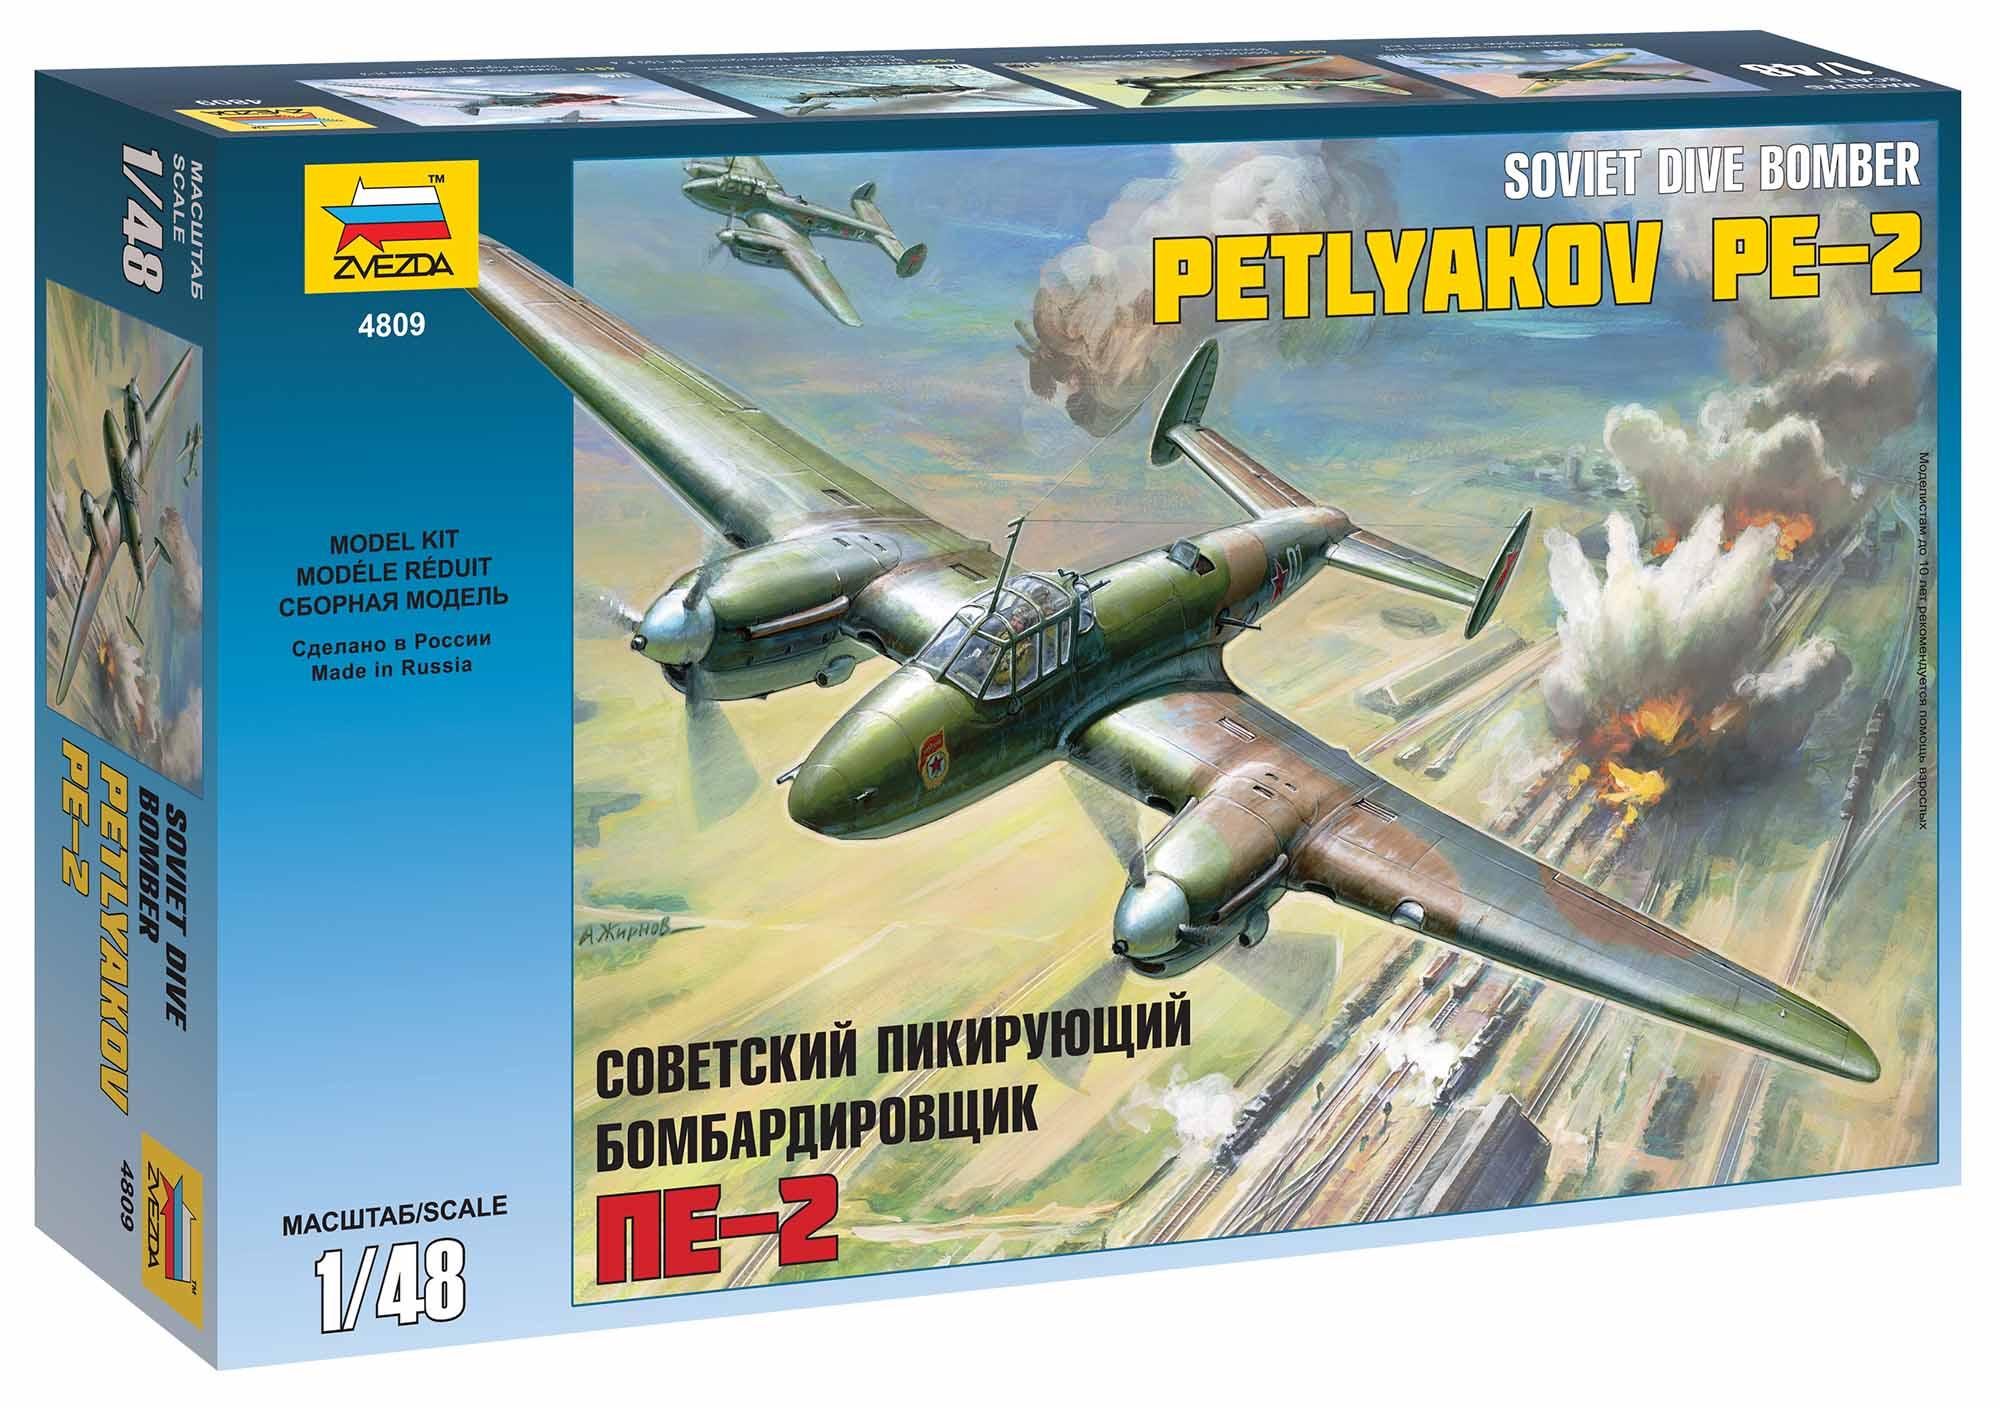 Model Kit letadlo 4809 - Petlyakov Pe-2 (1:48)